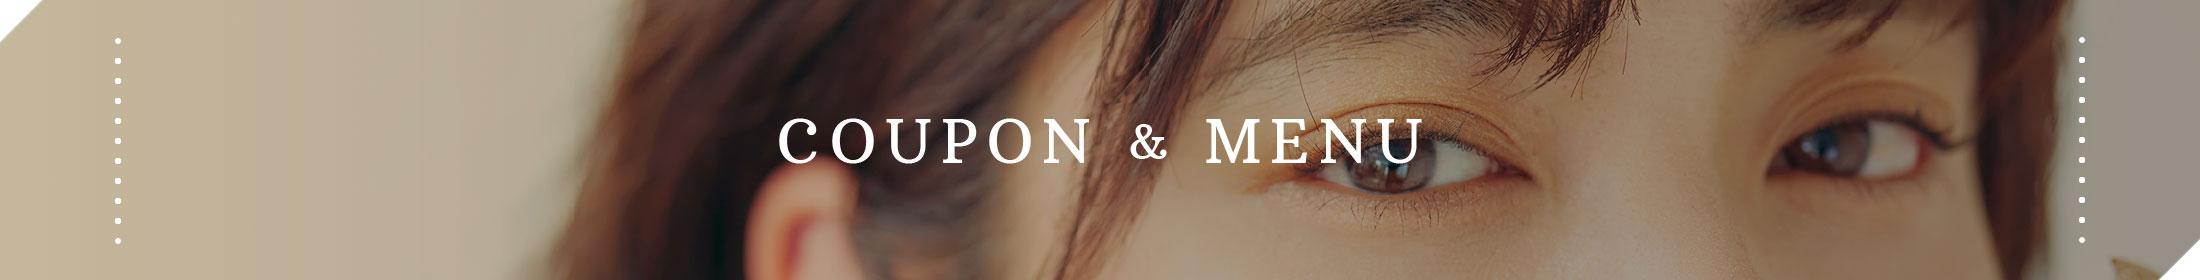 COUPON & MENU